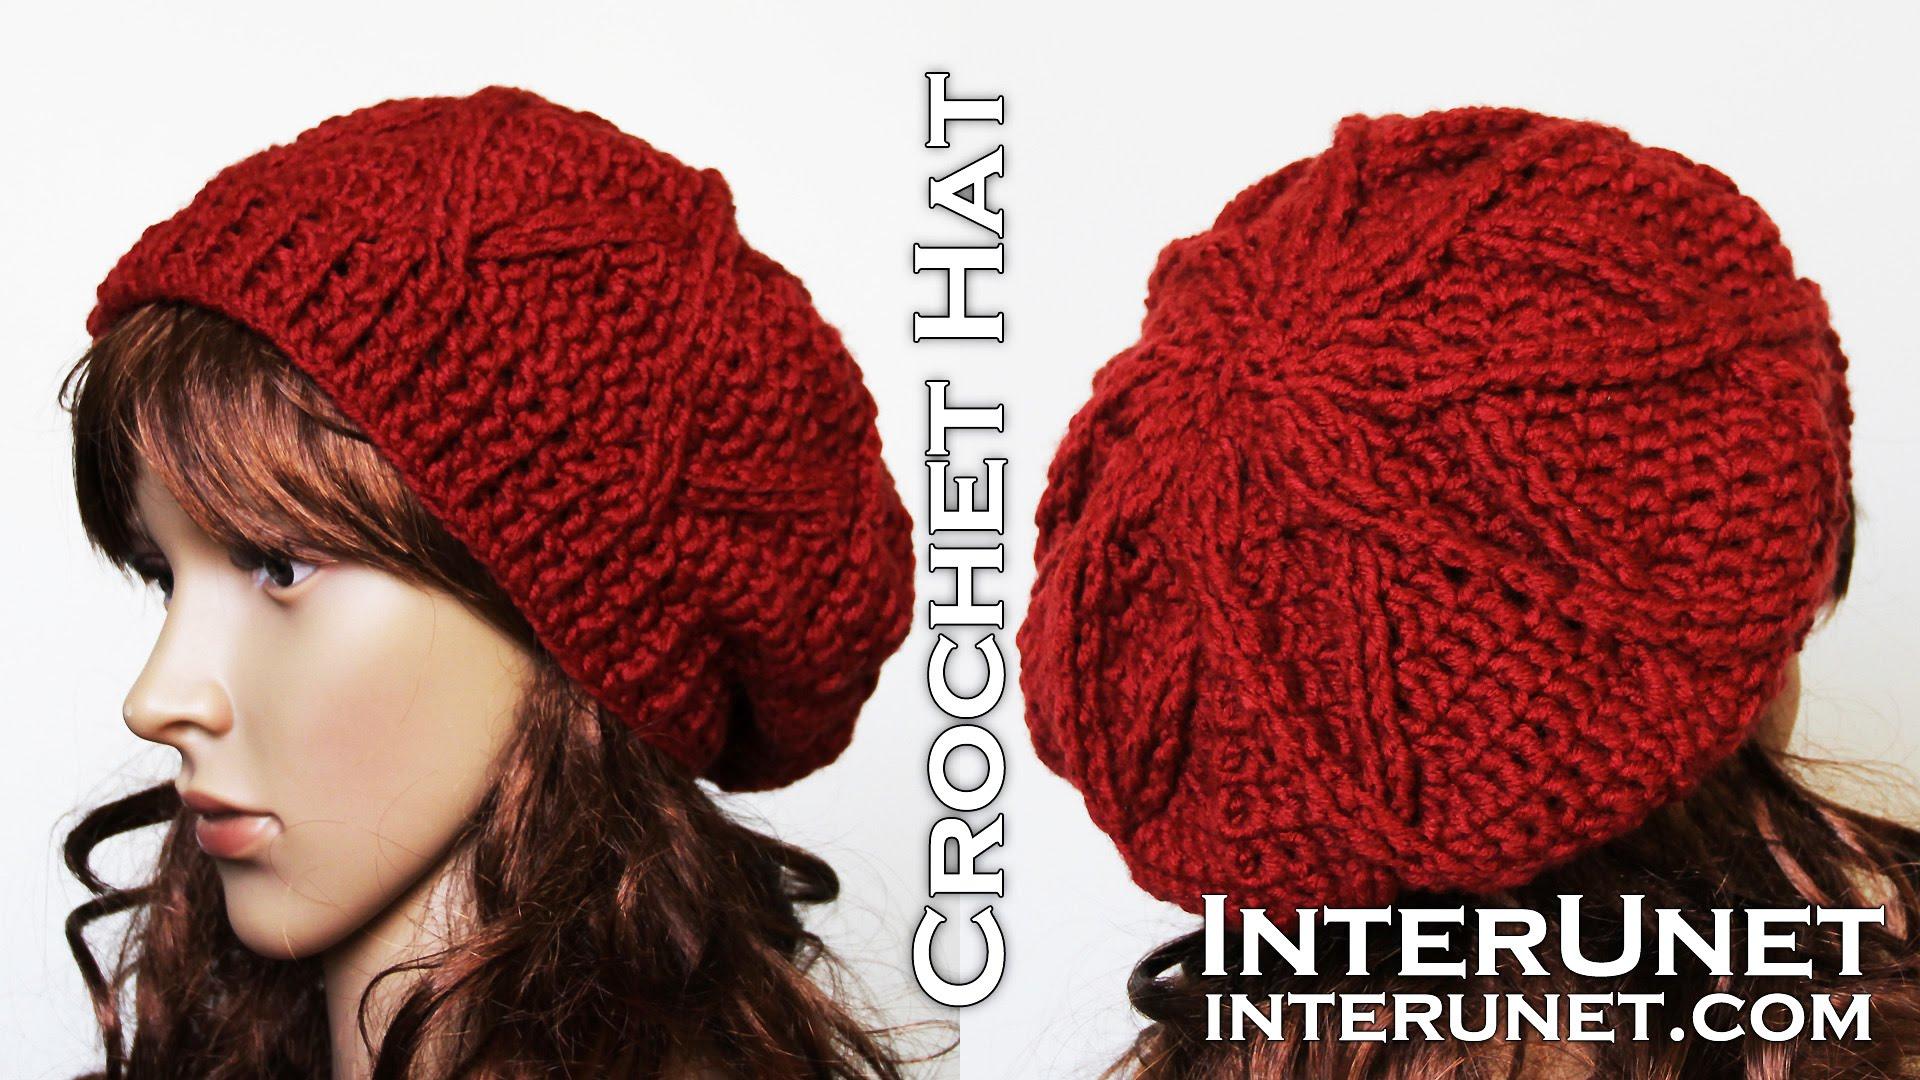 crochet hats how to crochet a hat - slouchy hat crochet pattern - youtube knnhrmu